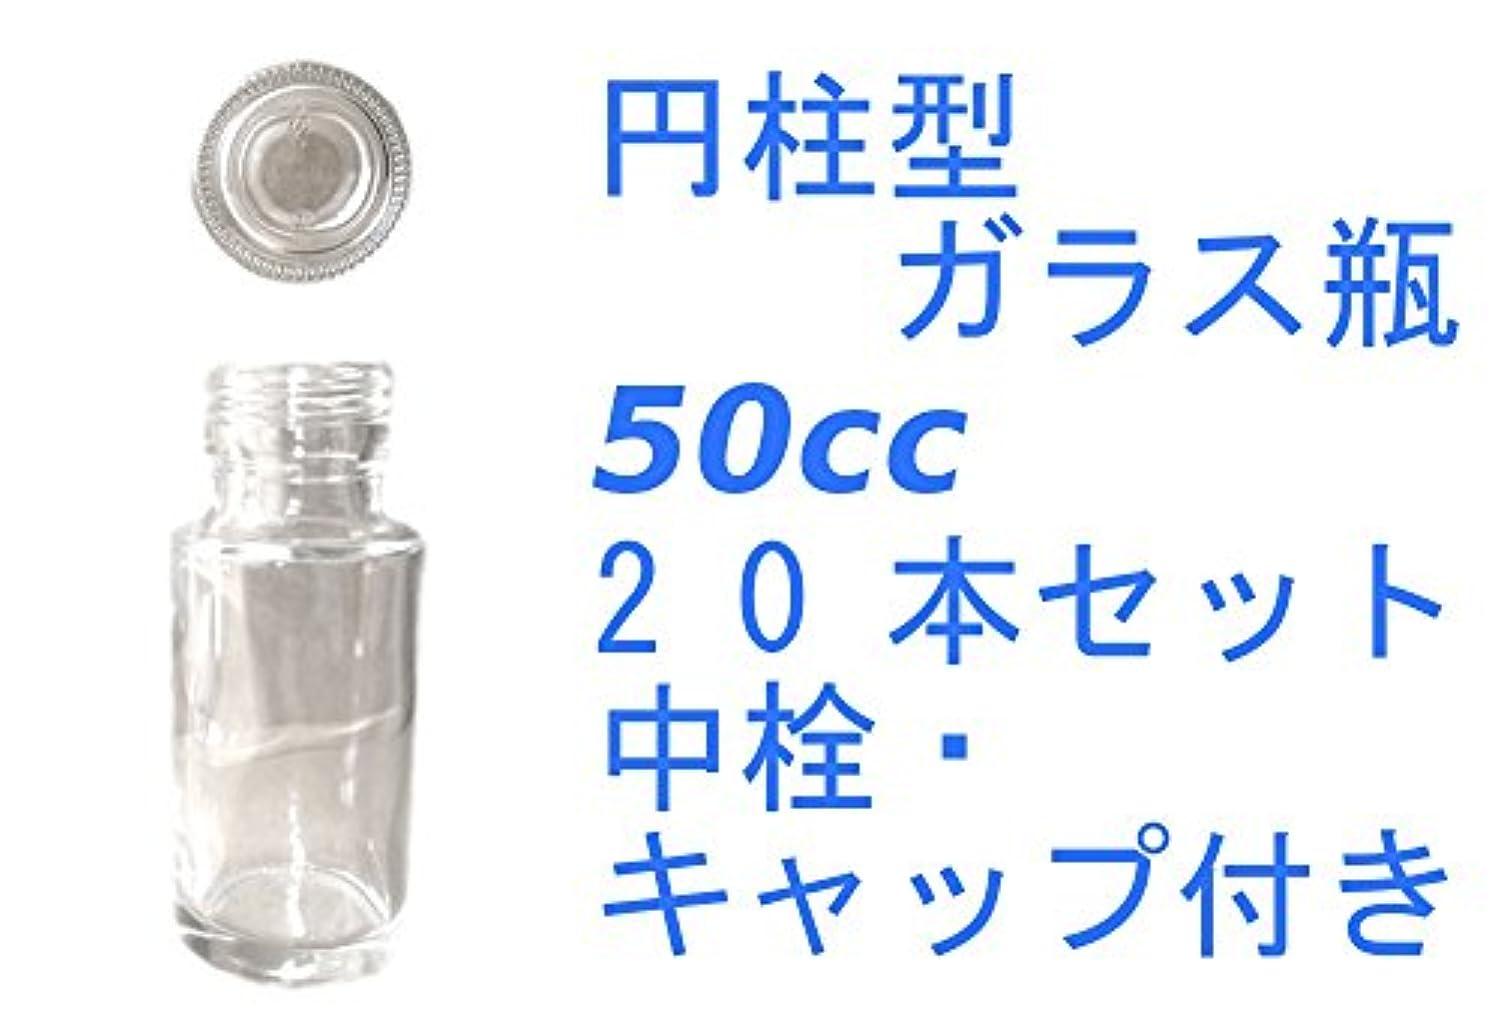 四面体自伝選挙(ジャストユーズ) JustU's 日本製 ポリ栓 中栓付き円柱型ガラス瓶 20本セット 50cc 50ml アロマディフューザー ハーバリウム 調味料 オイル タレ ドレッシング瓶 B20-SSS50A-A